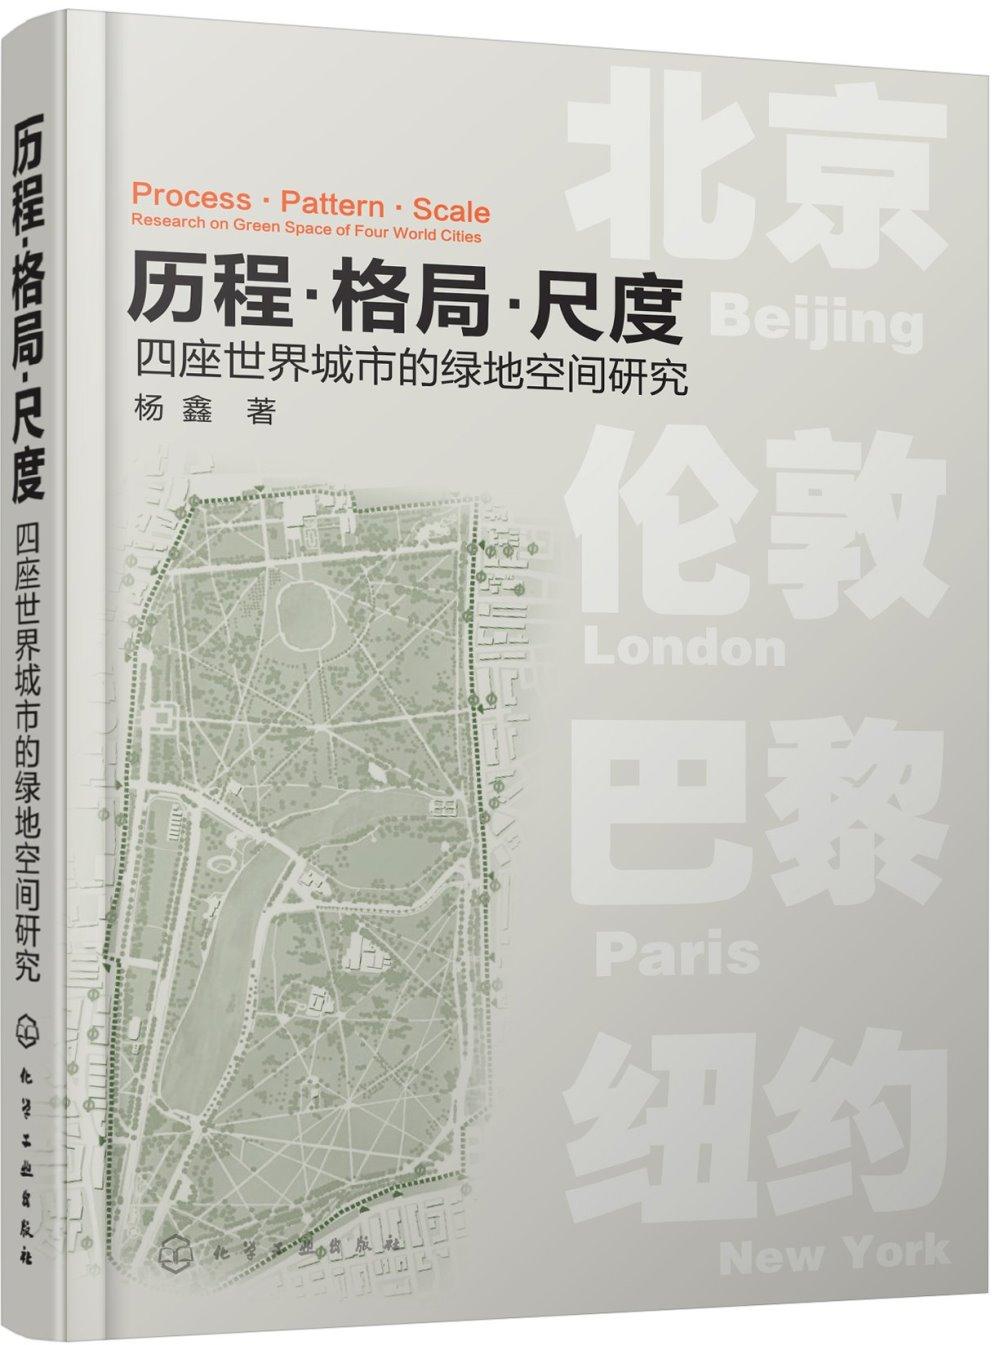 歷程·格局·尺度:四座世界城市的綠地空間研究